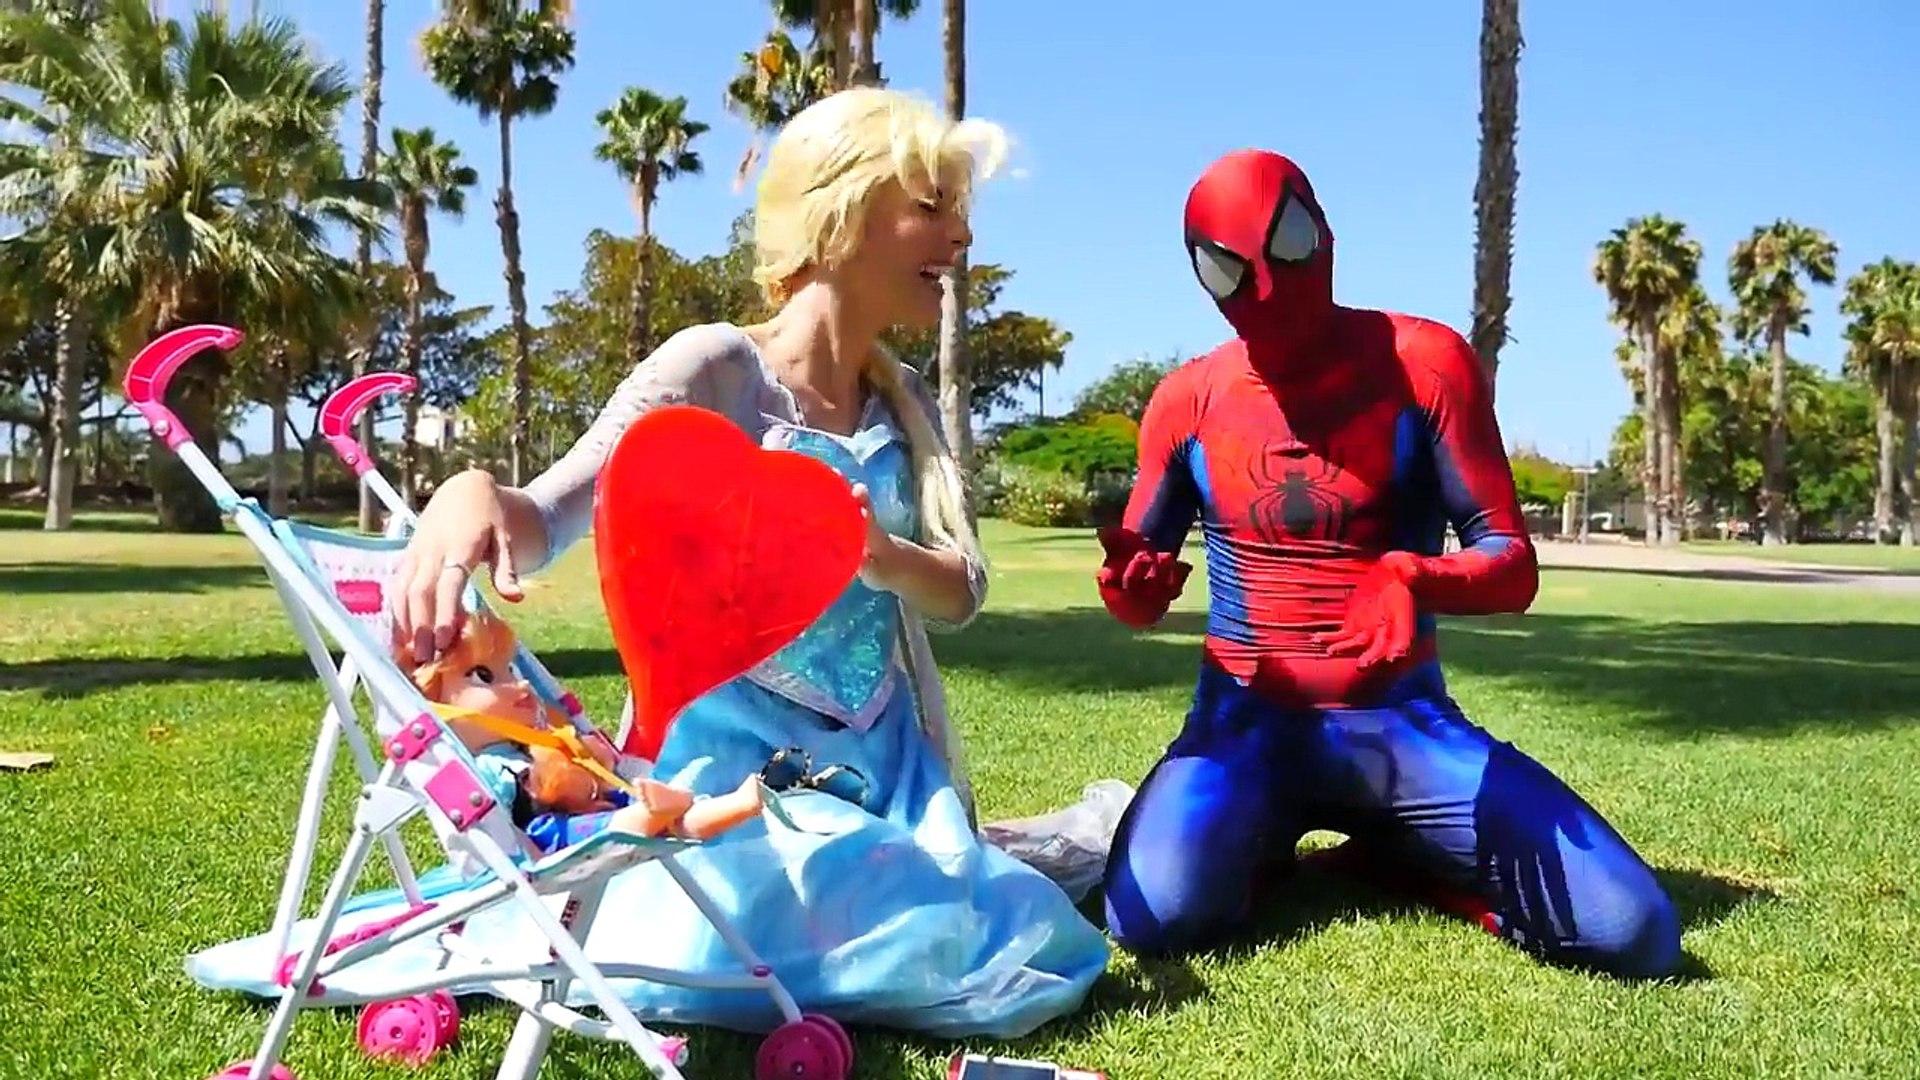 Злой Человек-Паук против замороженные обувь Эльза Анна детские магическое заклинание Вт гигантские конфеты, Халк мороженое